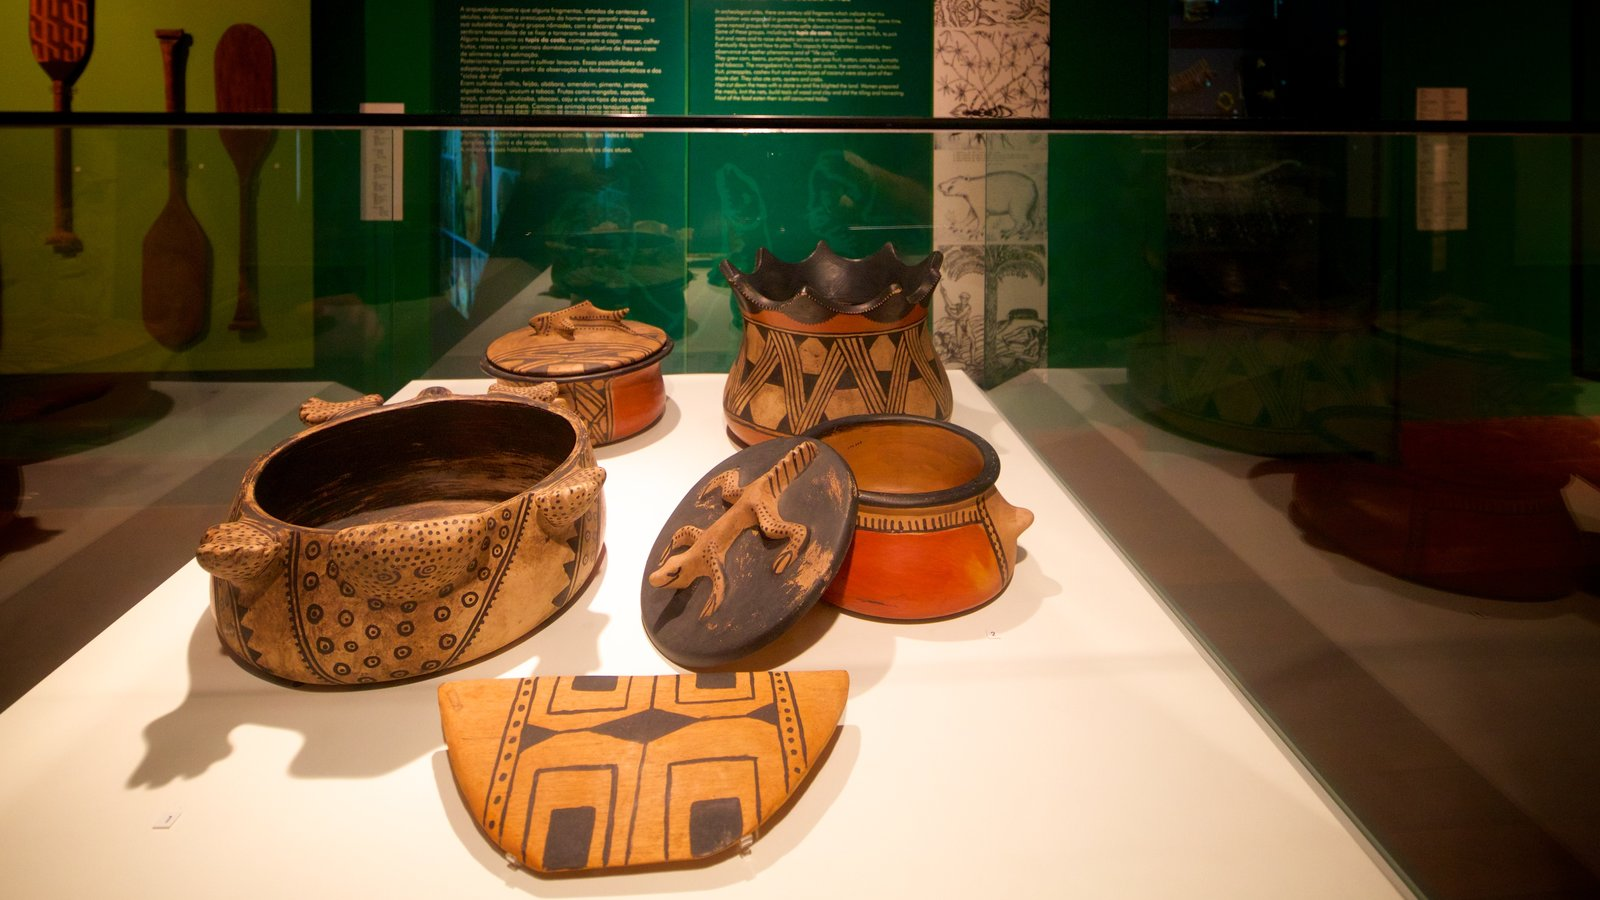 Museu Histórico Nacional que inclui vistas internas